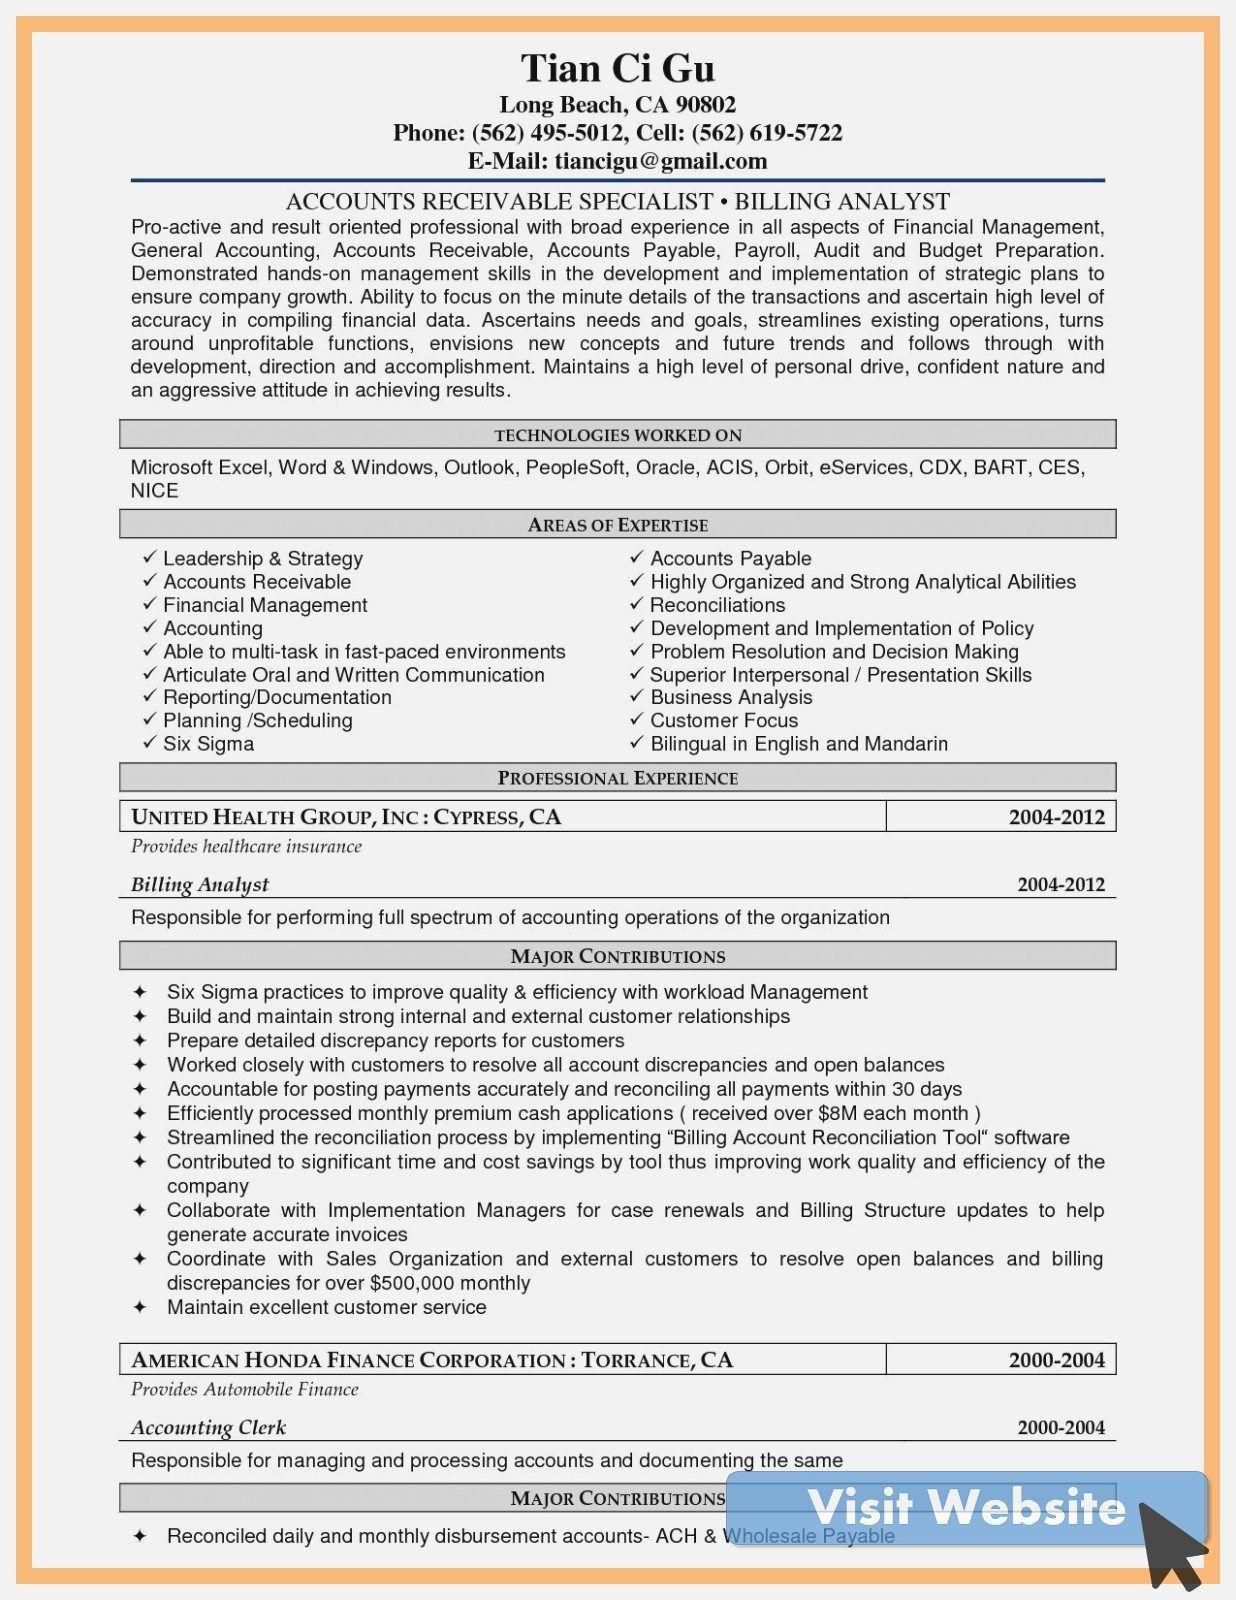 Over 20 Accounts Payable Curriculum Vitae Accounts Payable Resume Cv Template 20 Accounts Payable Resume Accounts Payable Resume Accounts Payable